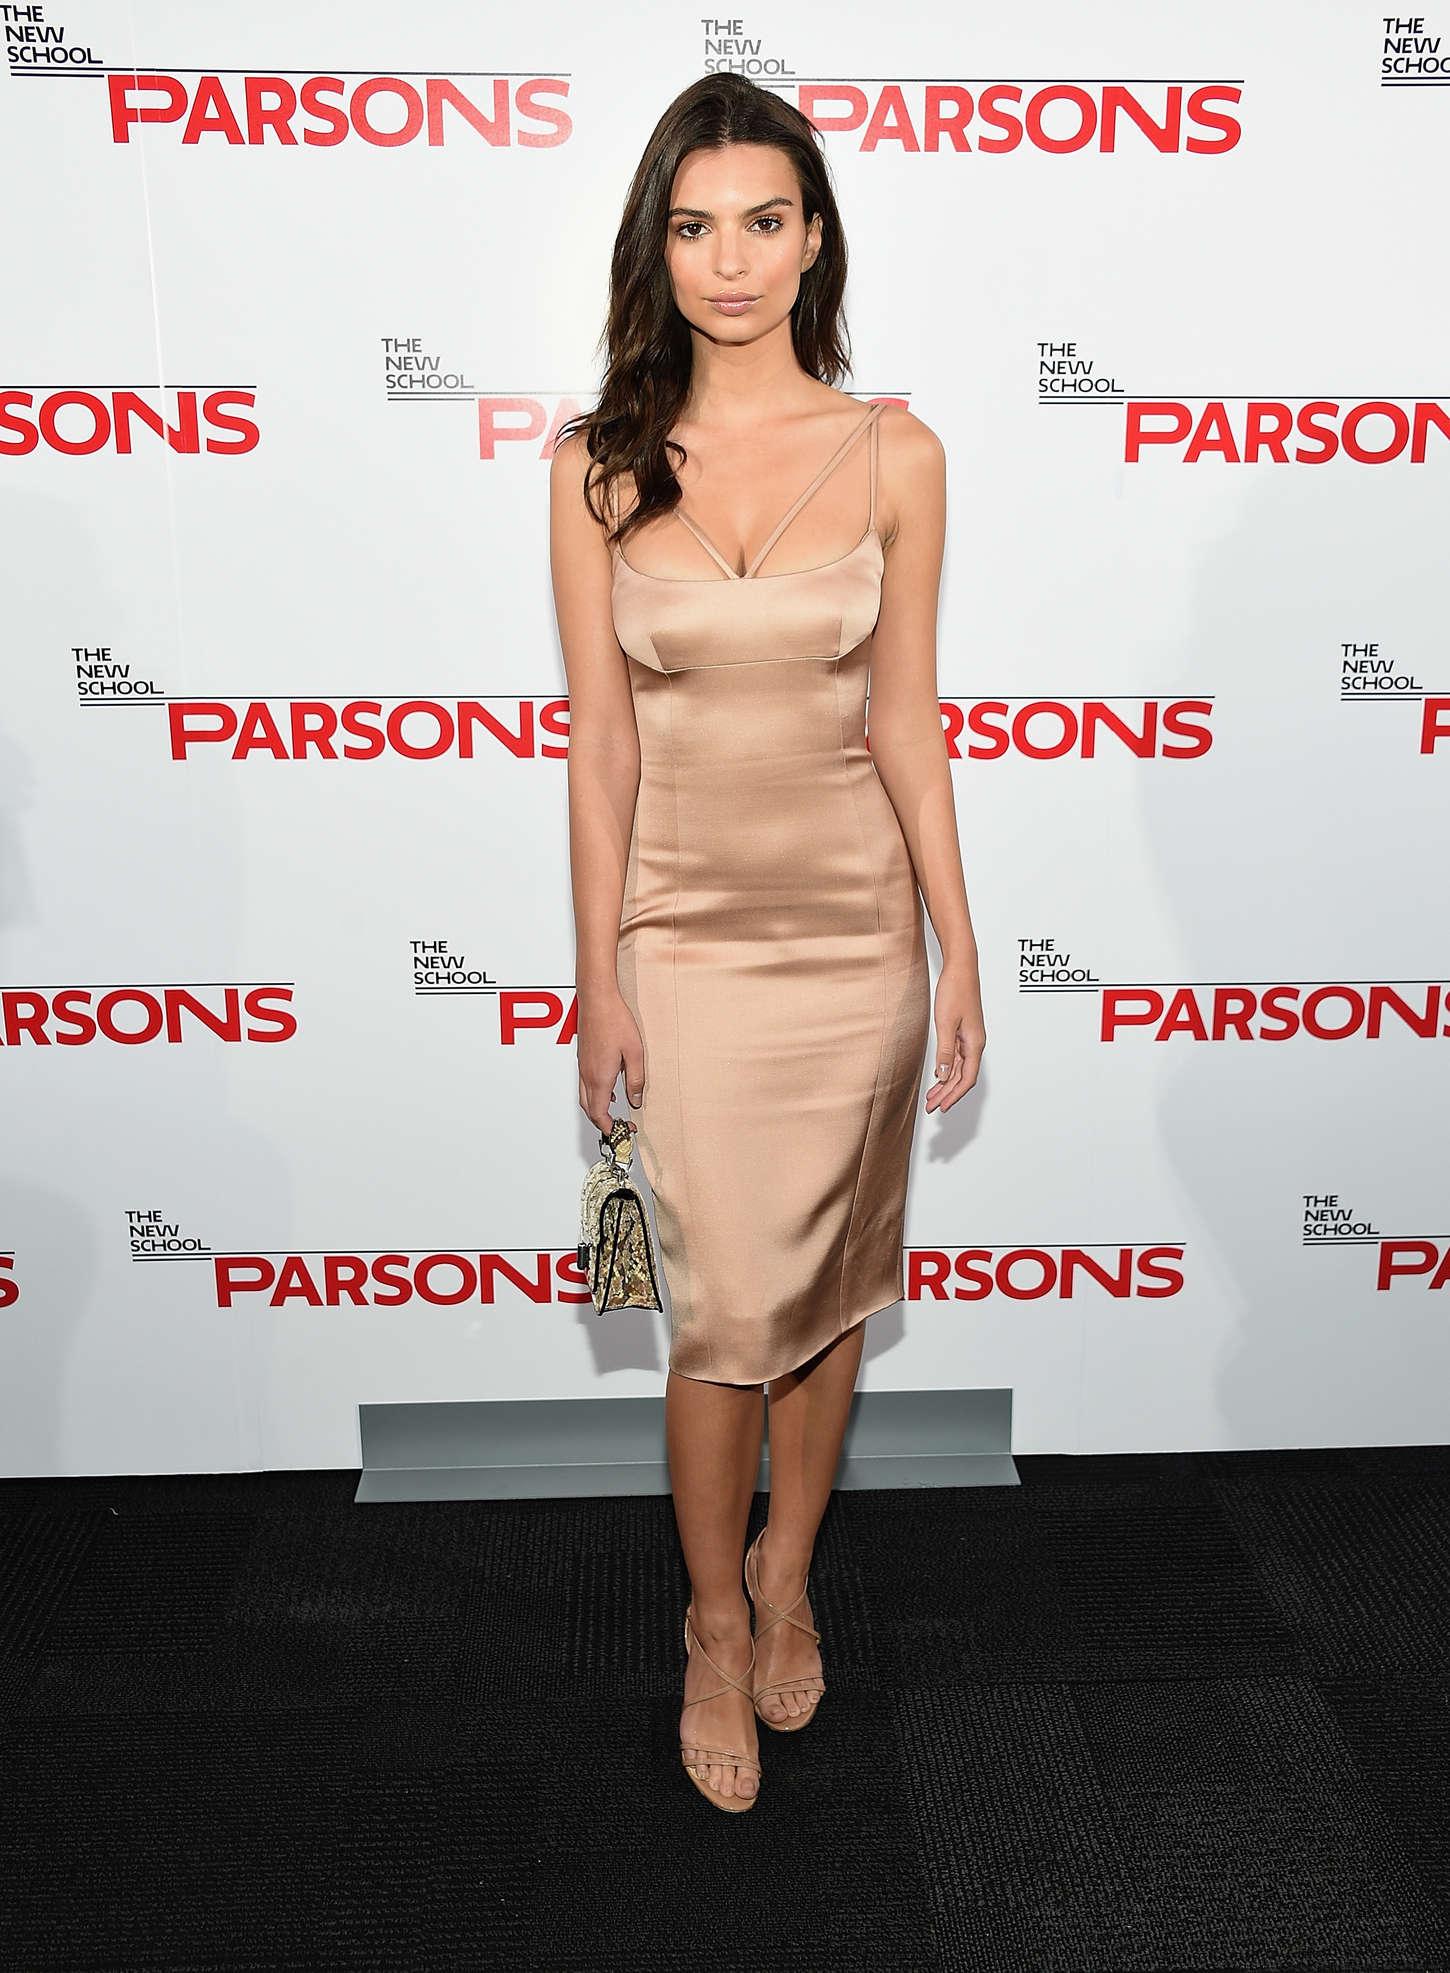 Emily Ratajkowski 2015 : Emily Ratajkowski: 2015 Parsons Fashion Benefit -06